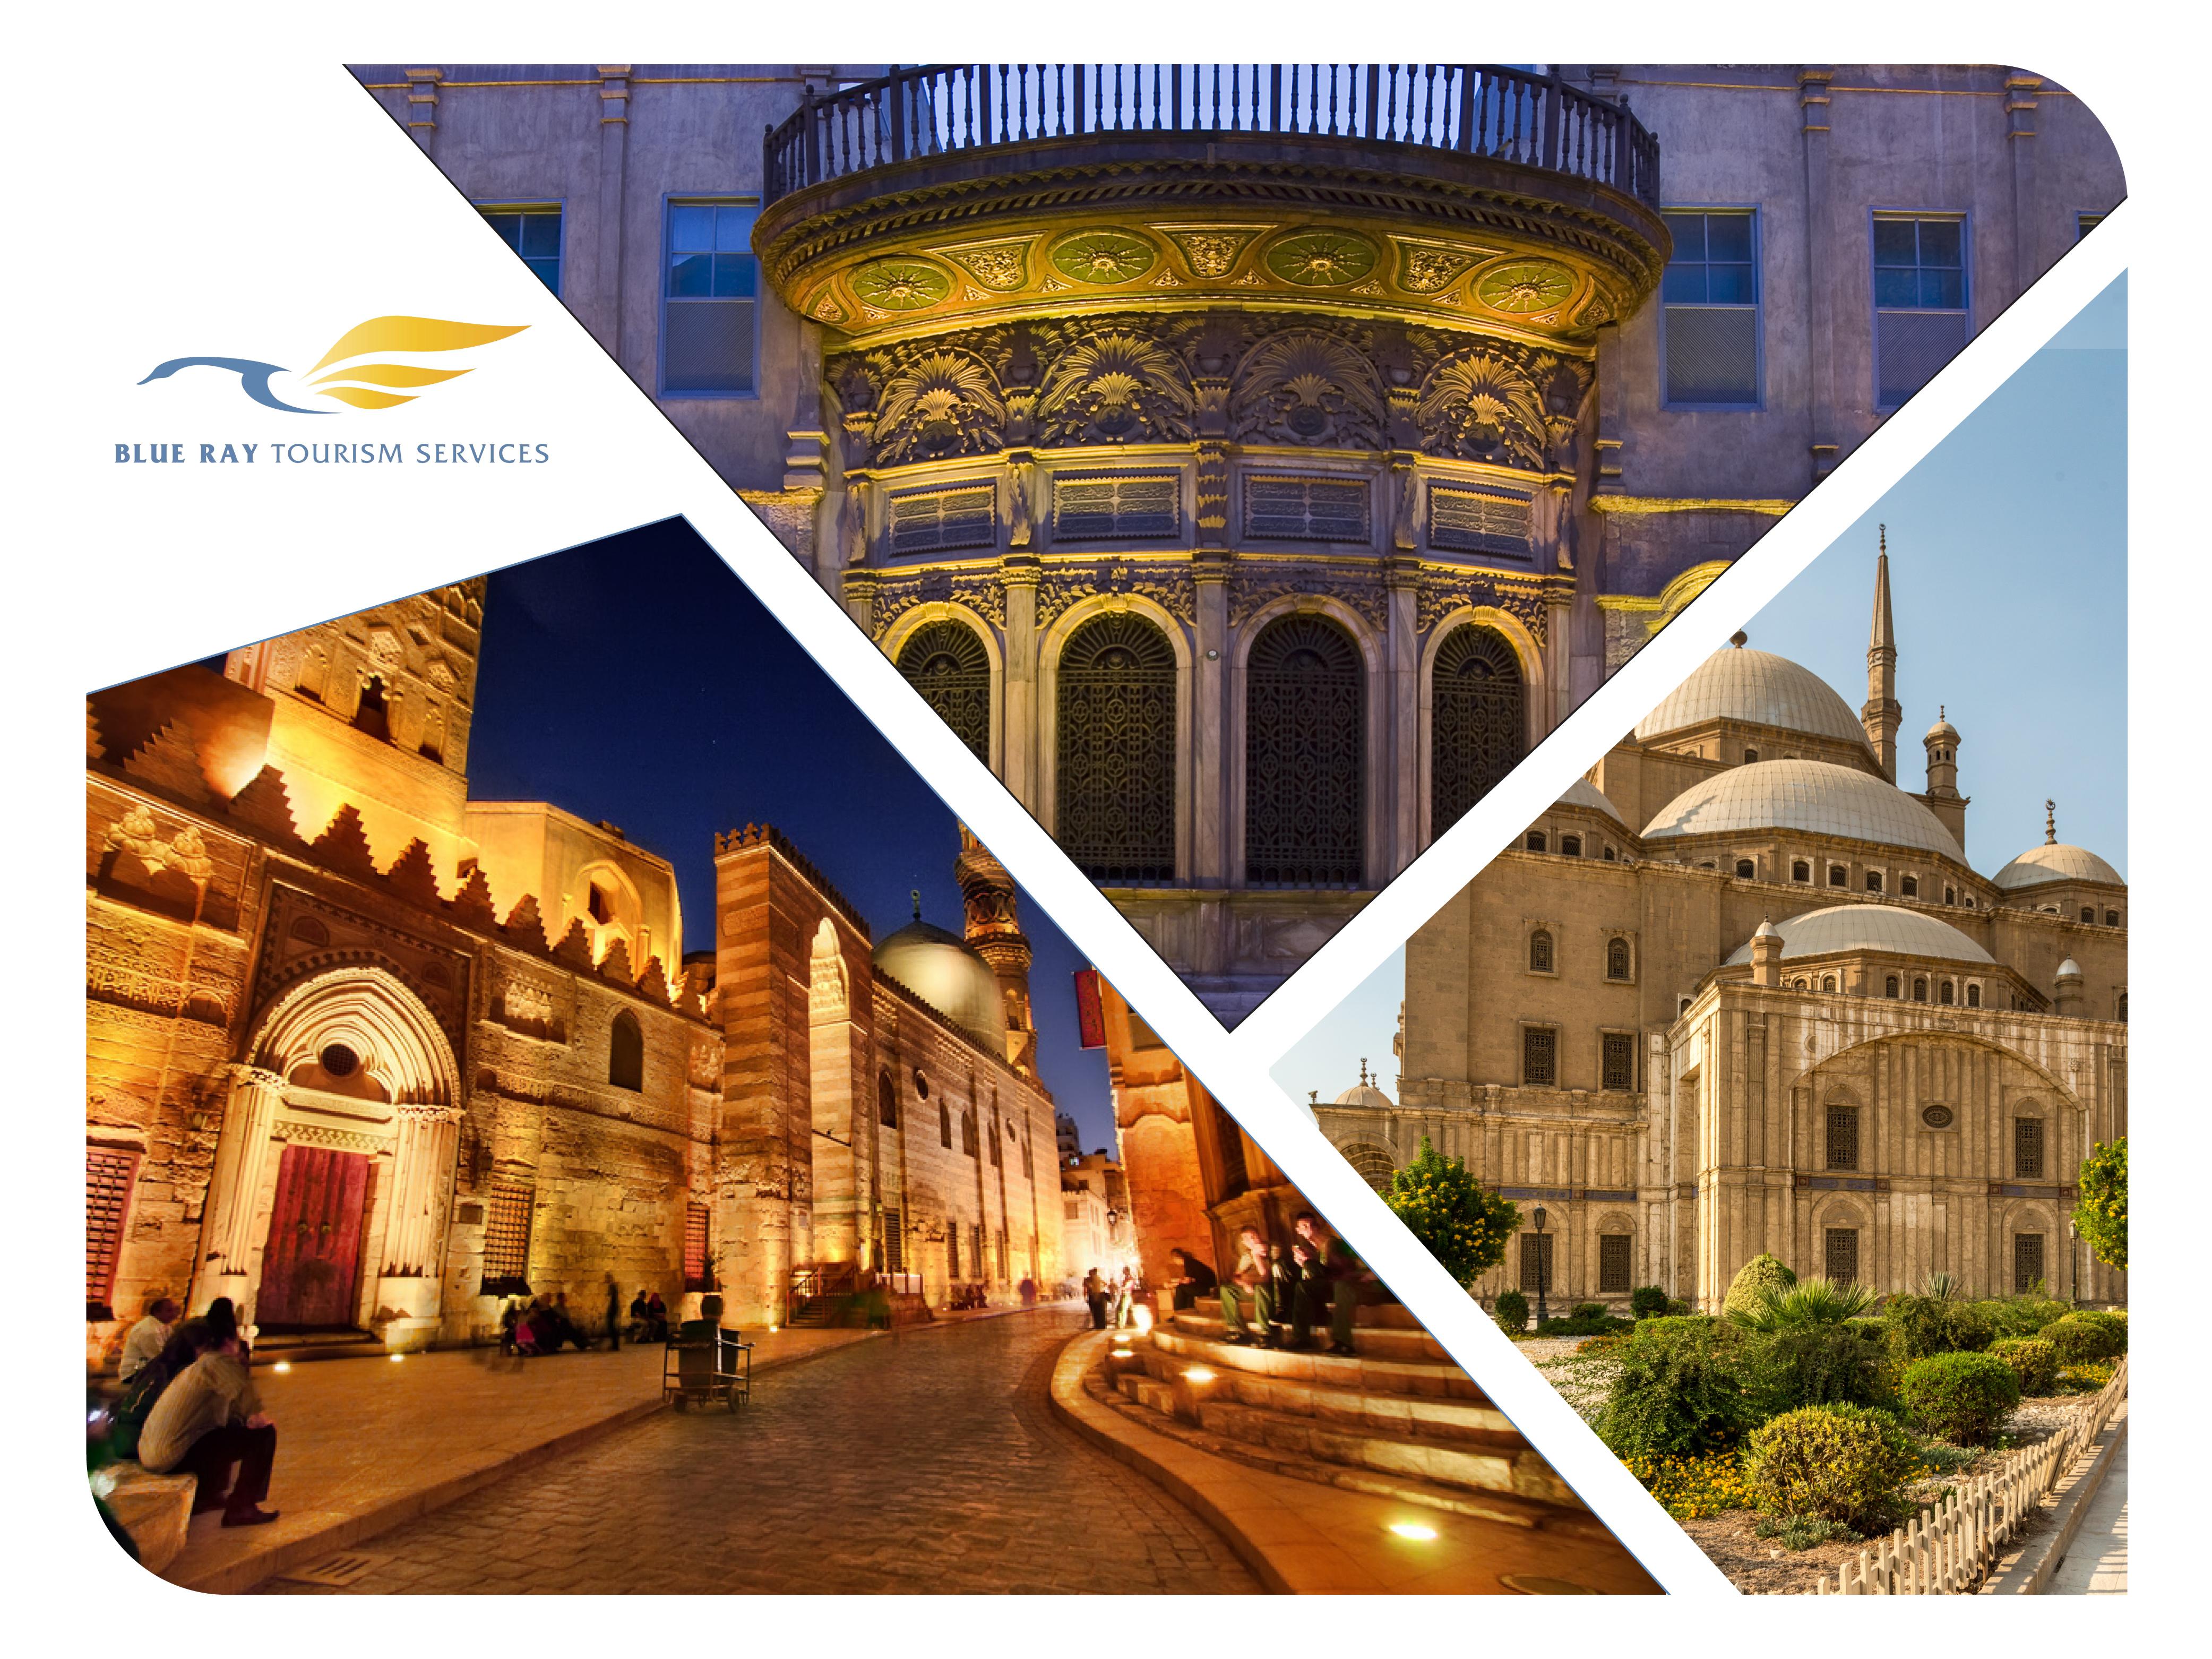 أشهر ثلاثة أماكن سياحية في القاهرة